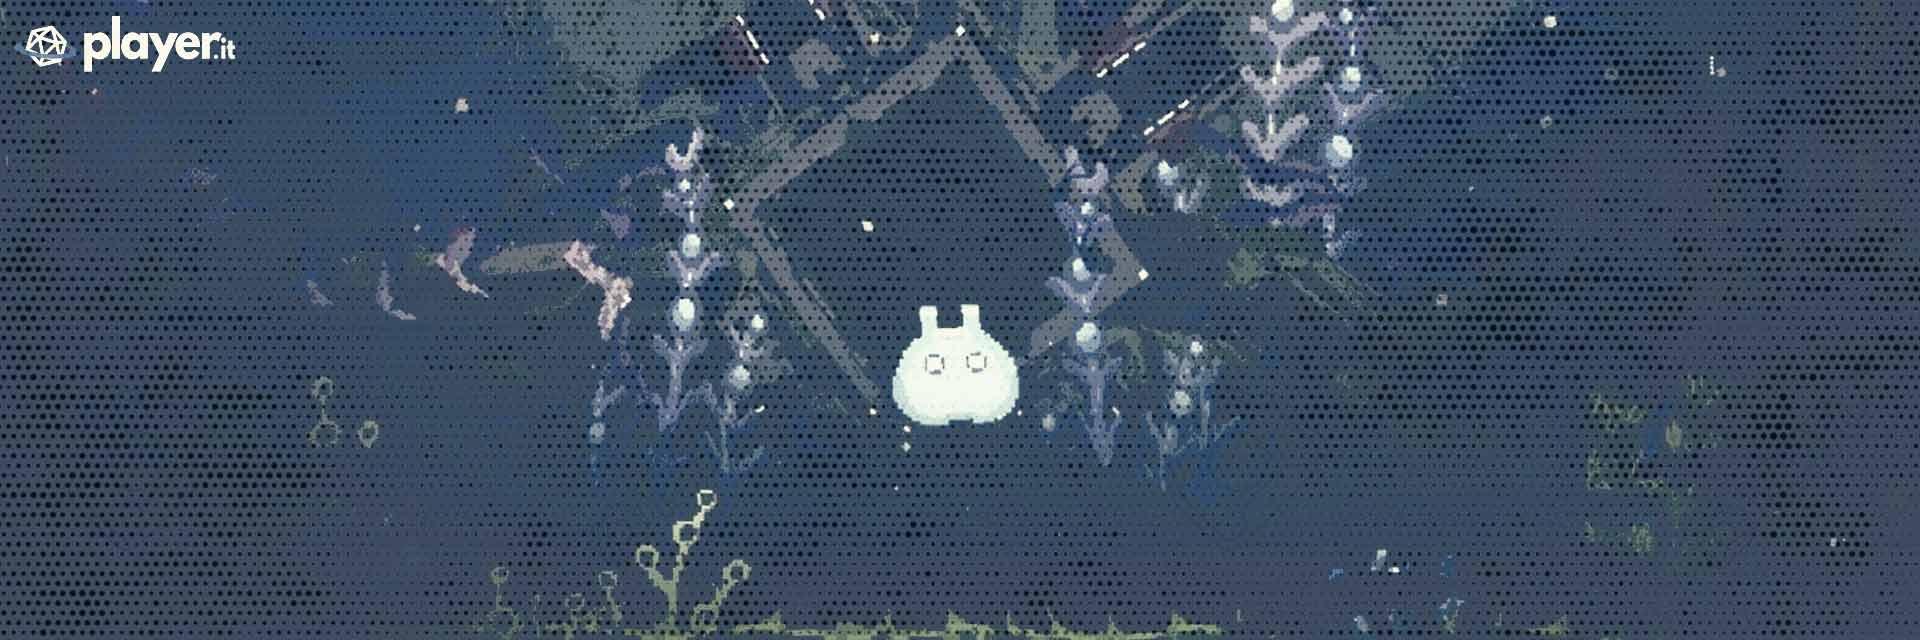 immagine in evidenza del gioco MO: Astray